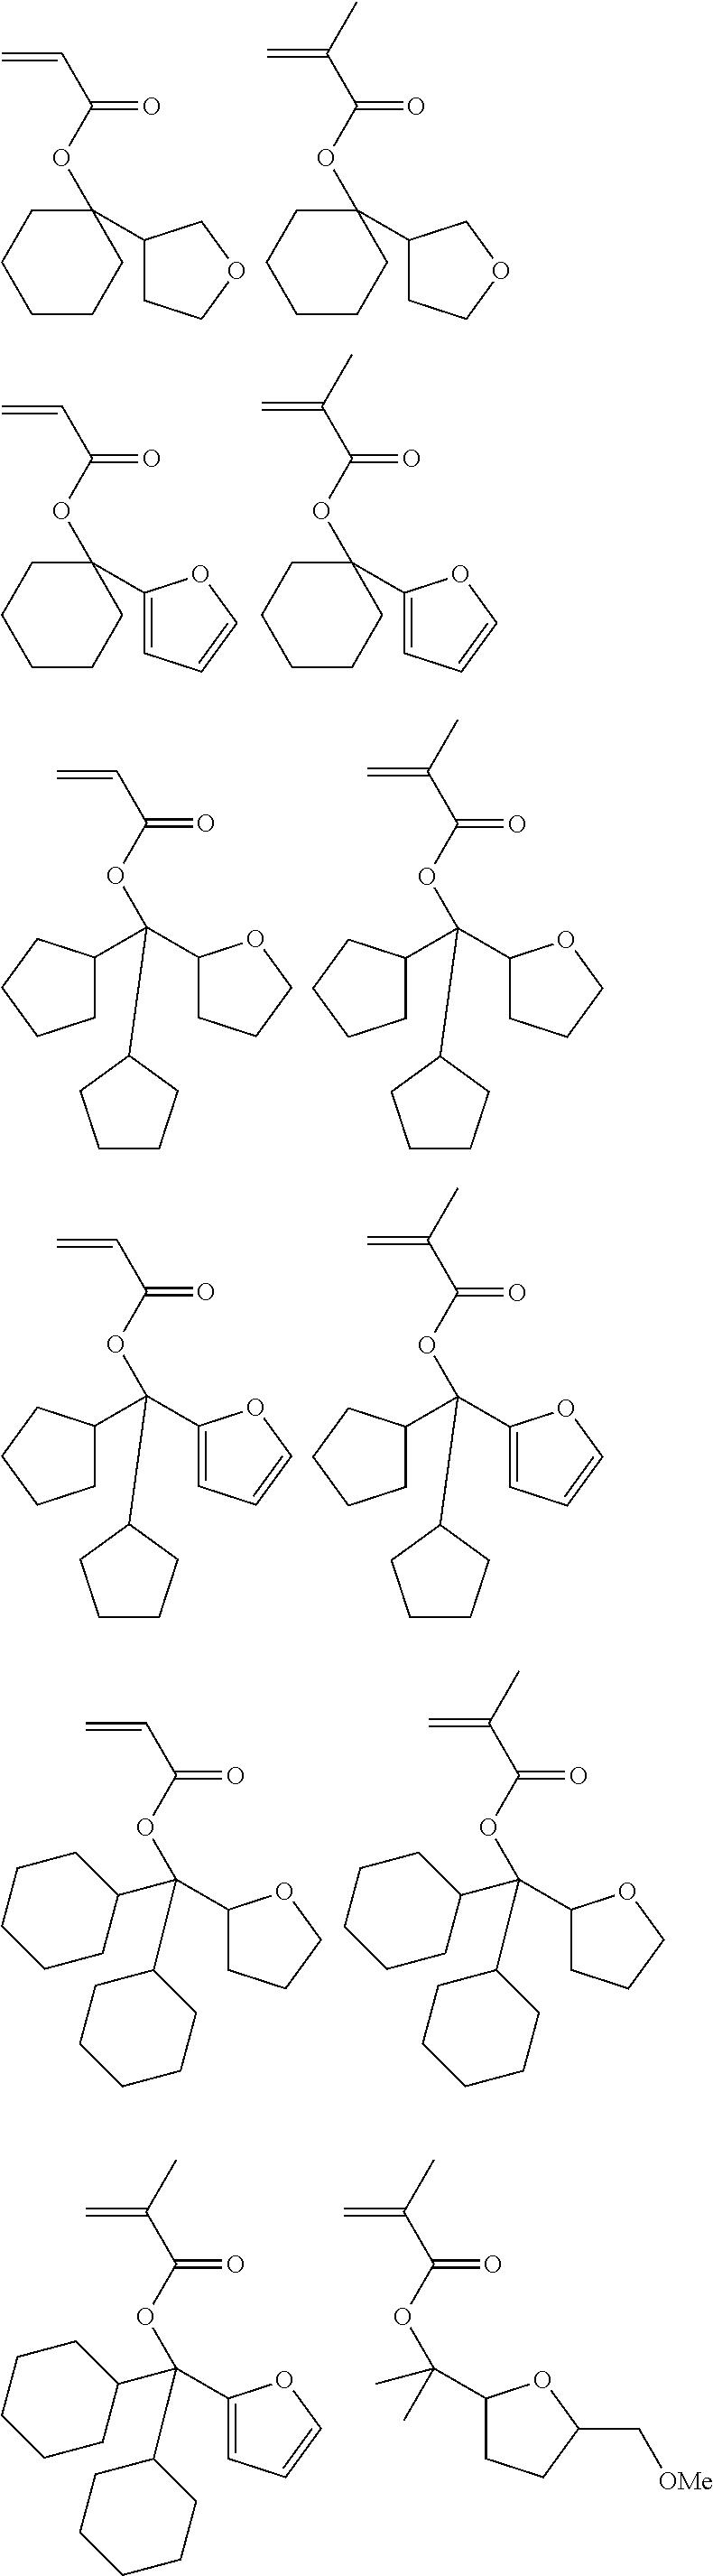 Figure US20110294070A1-20111201-C00061